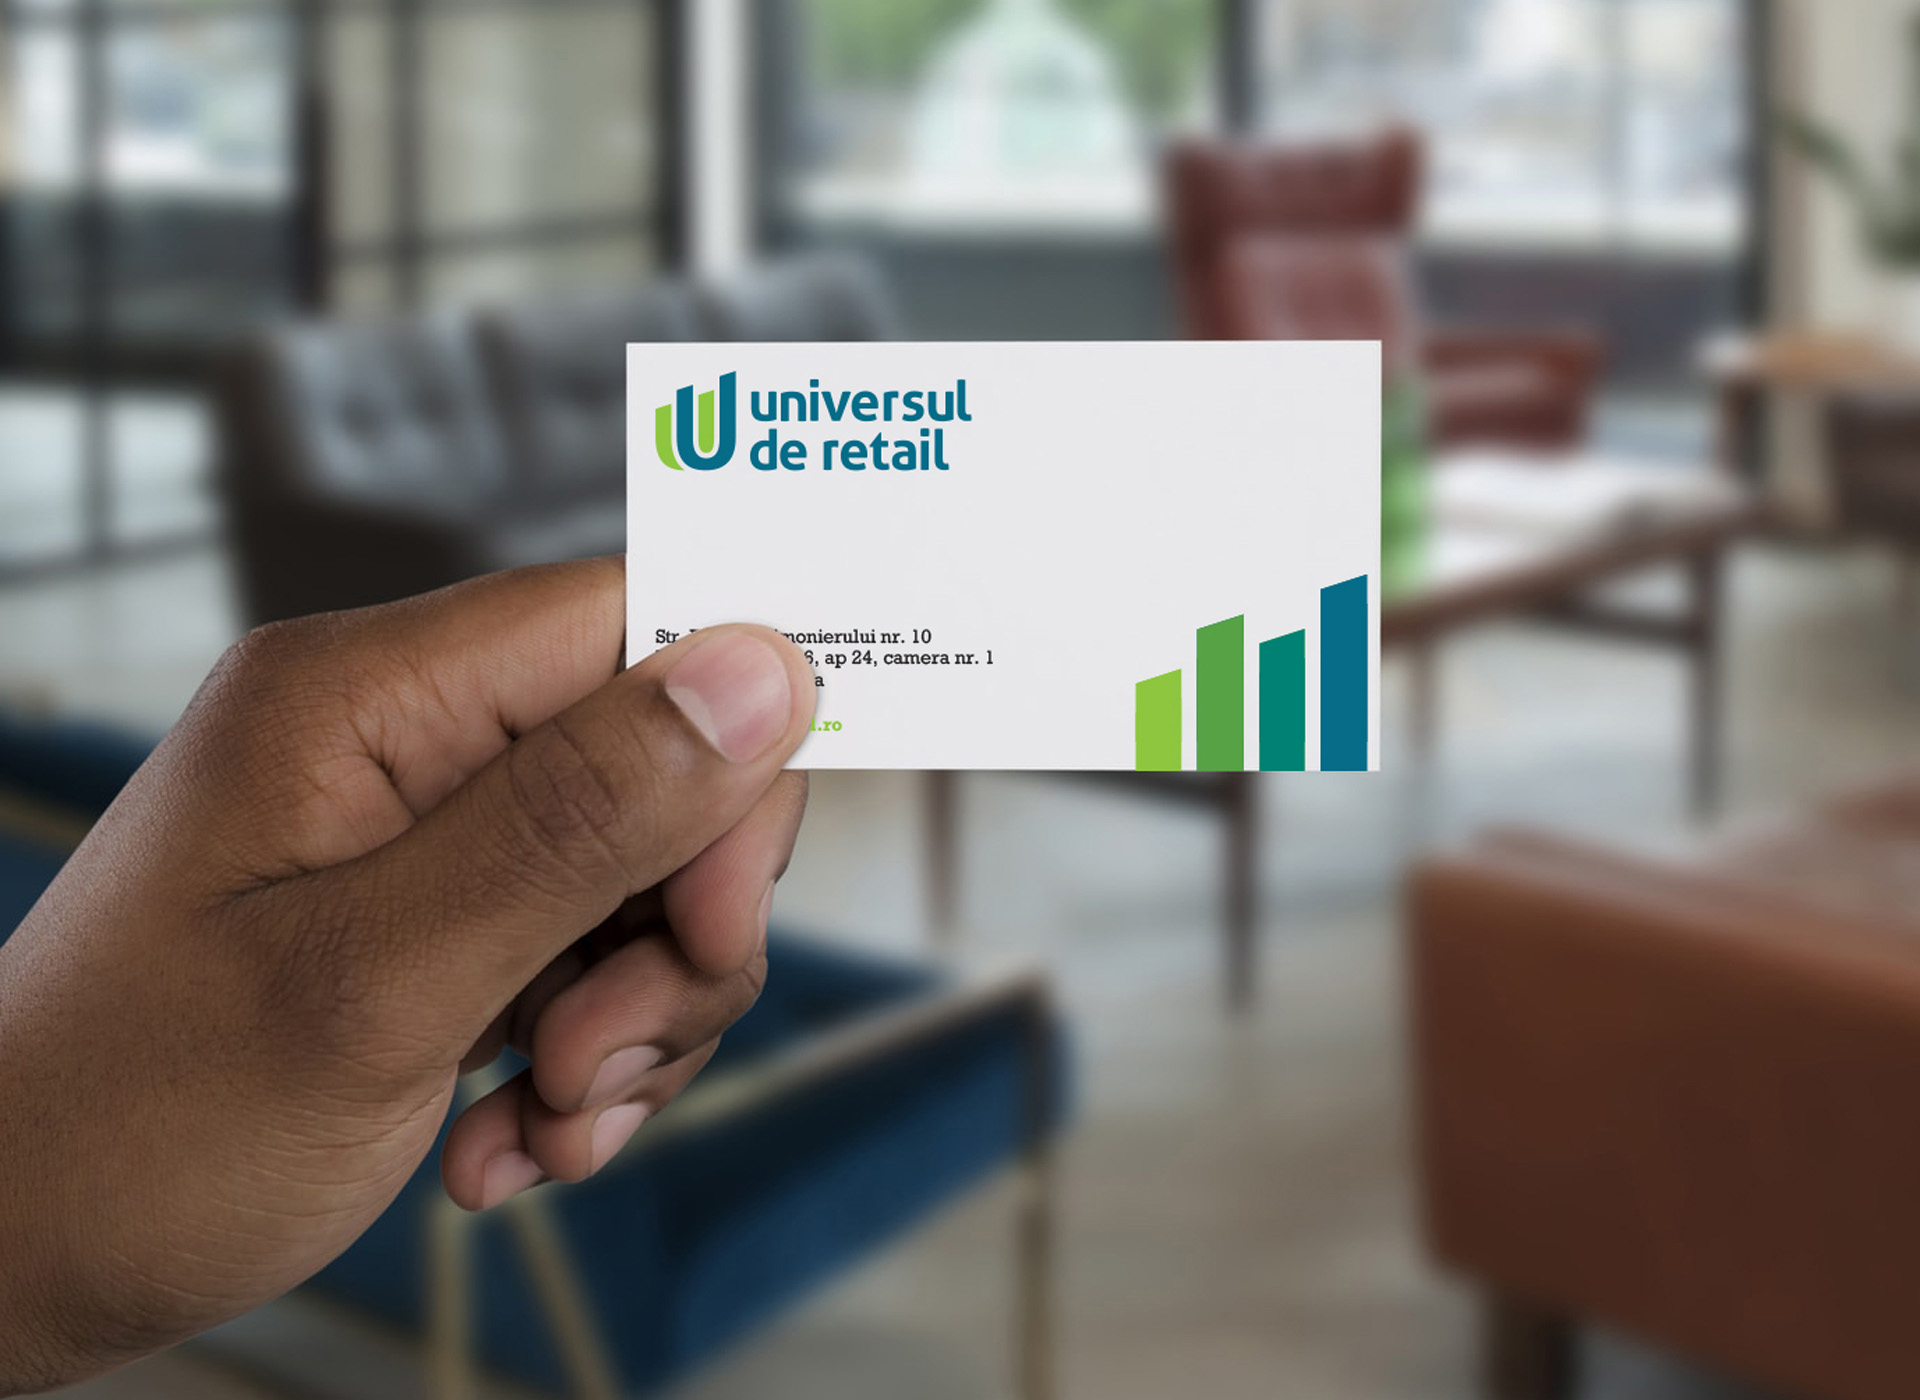 universul de retail portofoliu inoveo business card